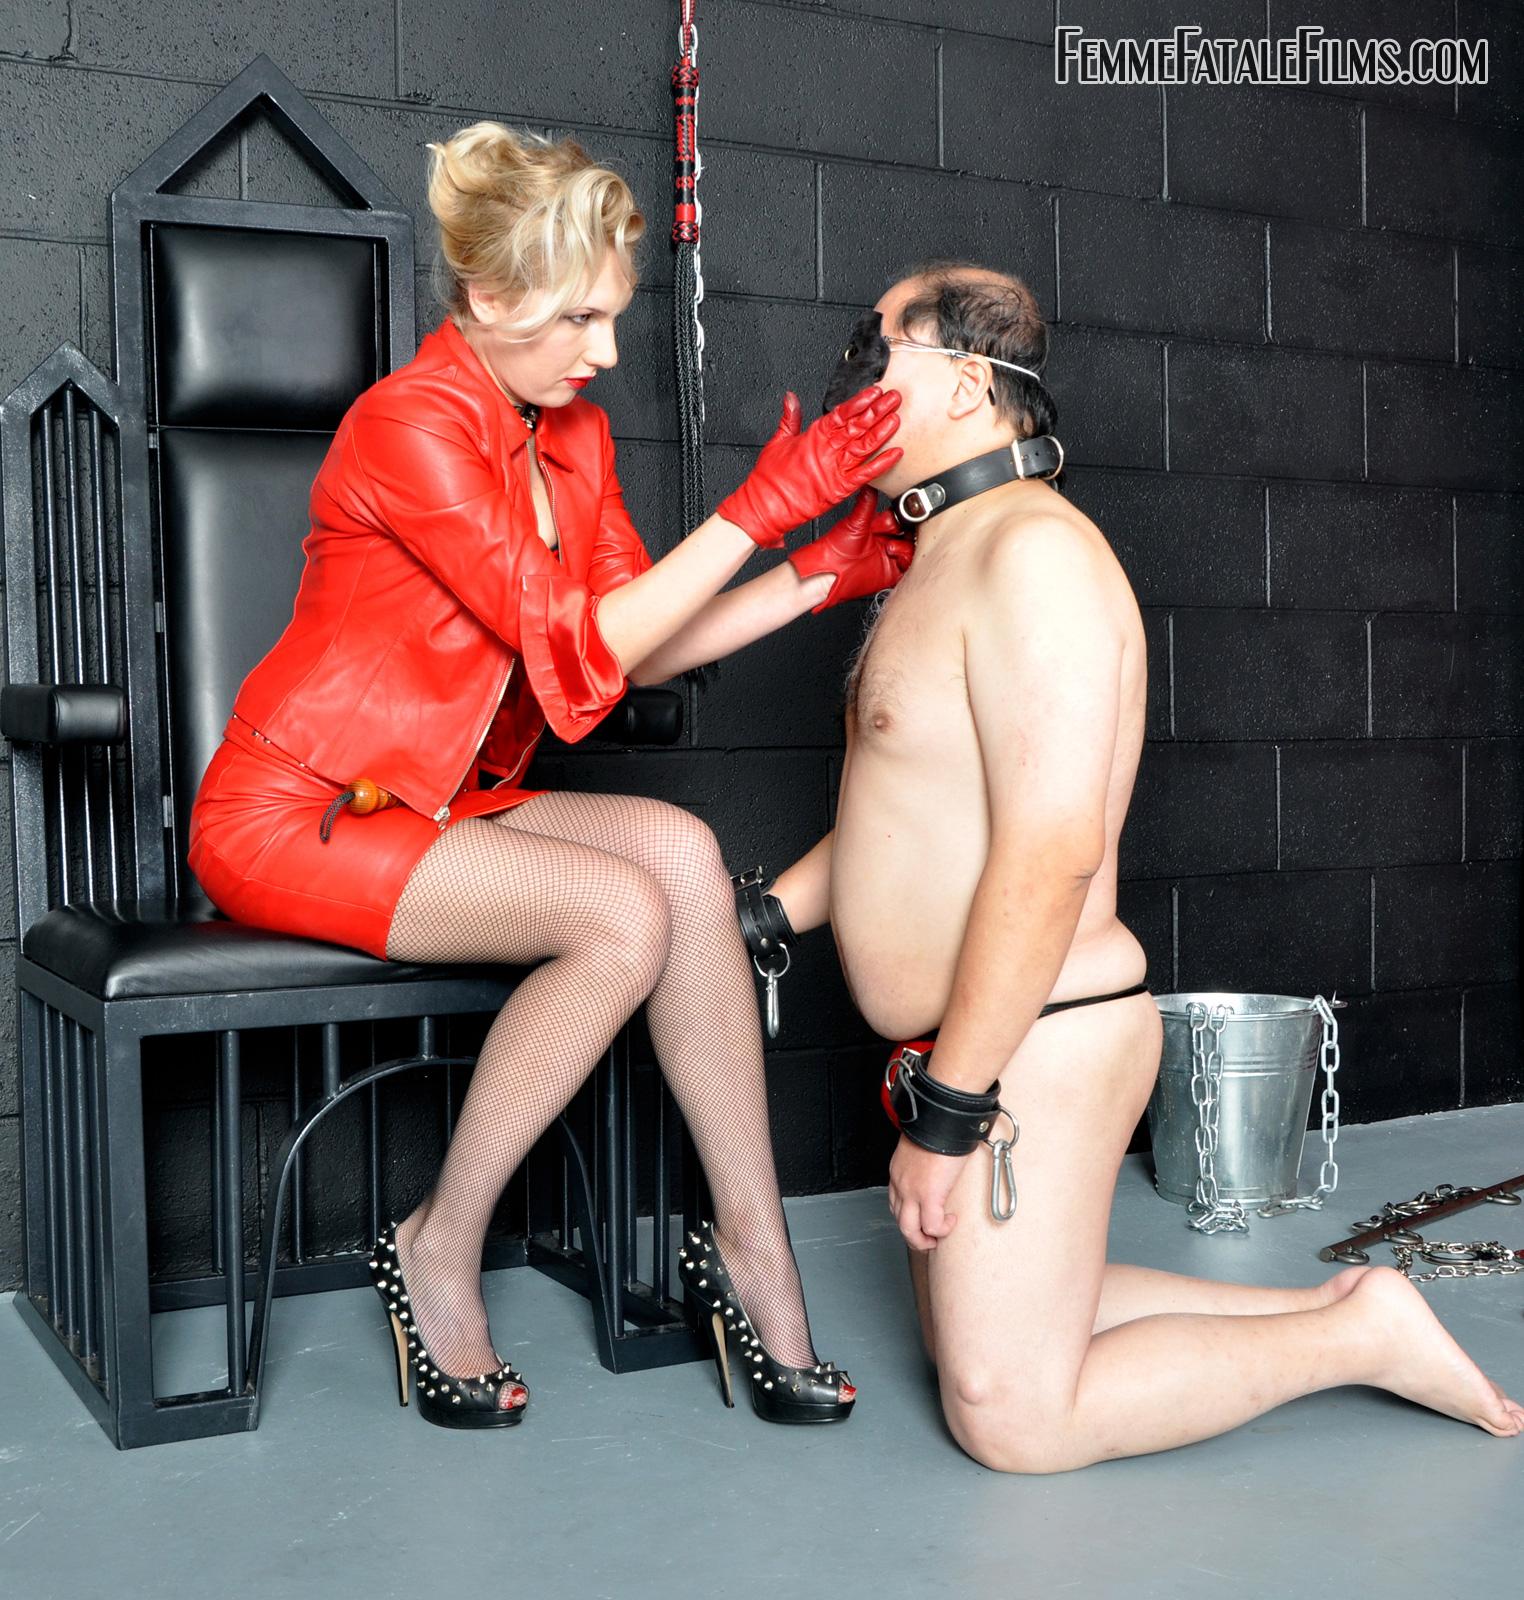 Domination feet slave training slave on a leash femdom